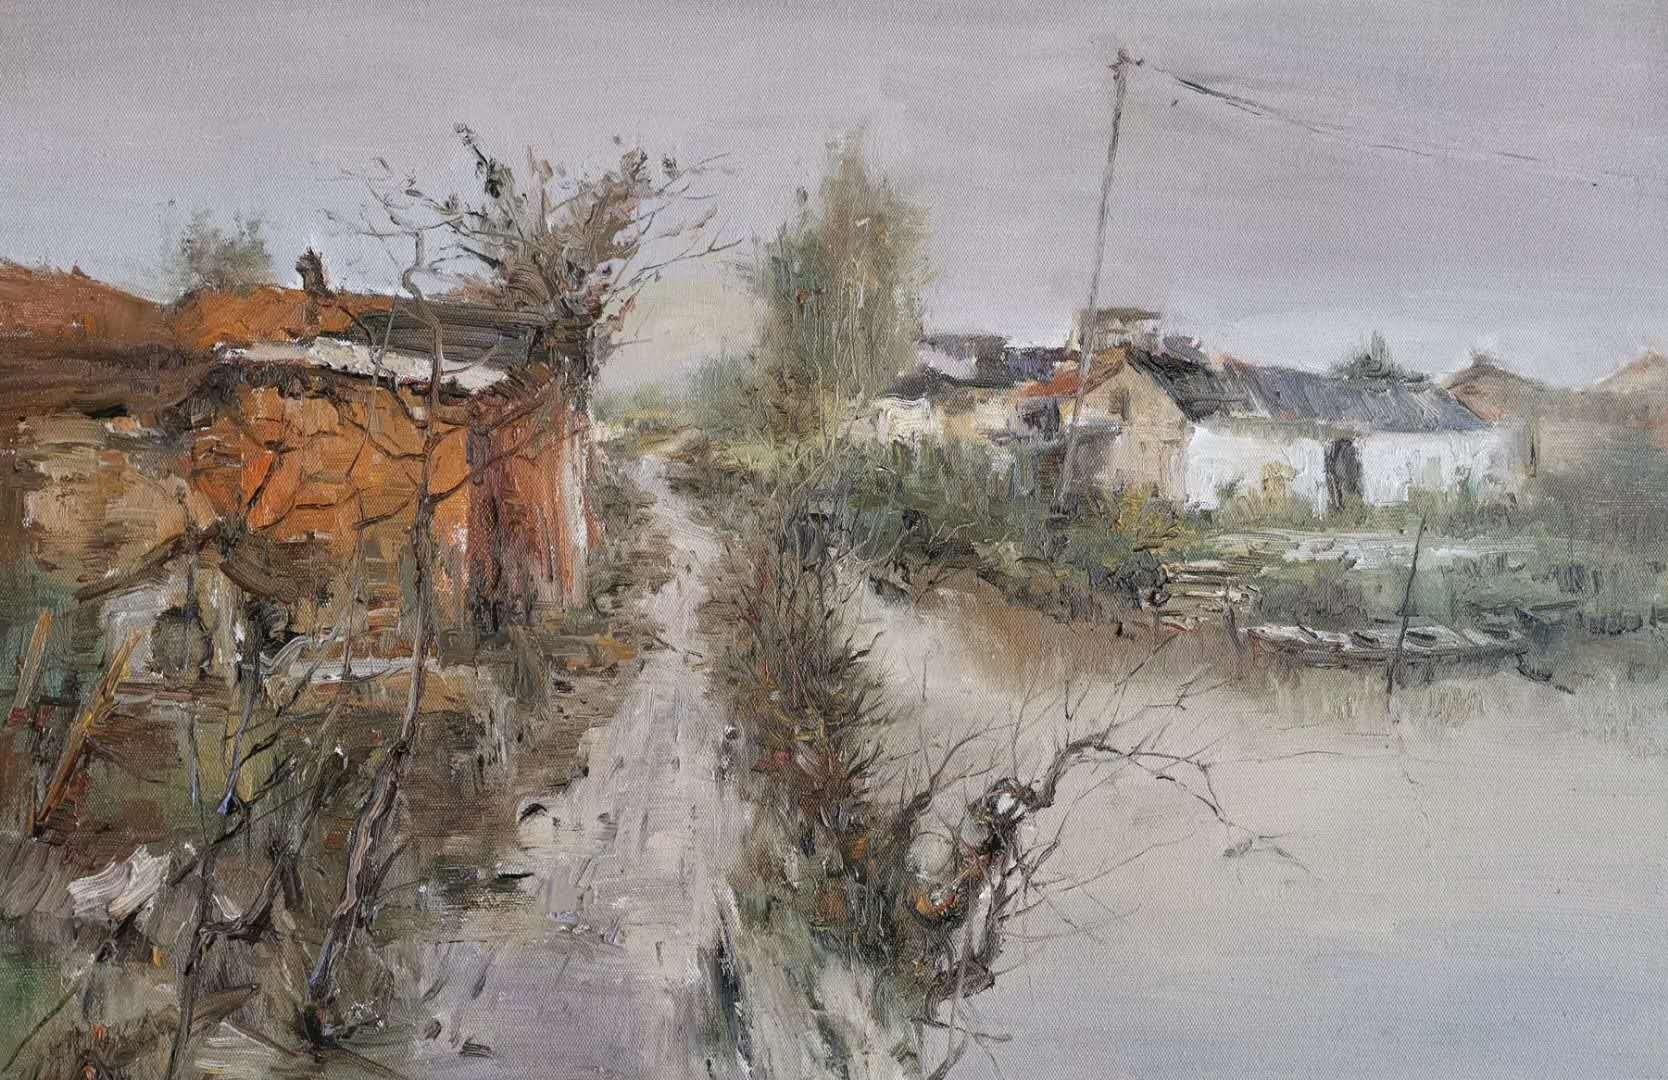 宝应籍油画家陆凤翔先生最新油画写生力作。